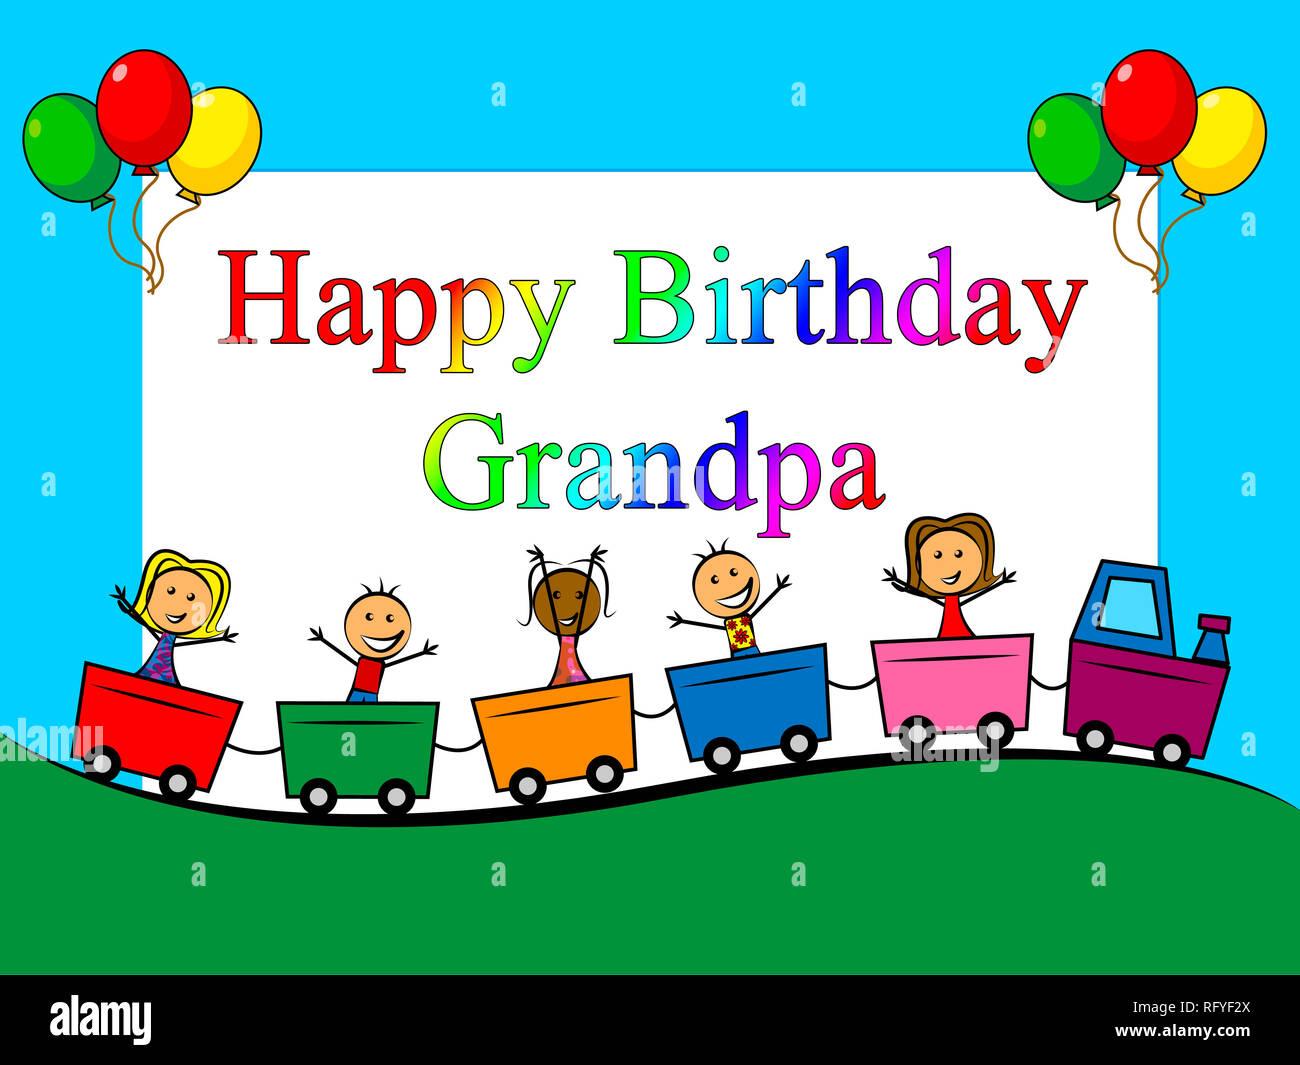 Dorfleben Alles Gute Zum Geburtstag Opa Mochtest